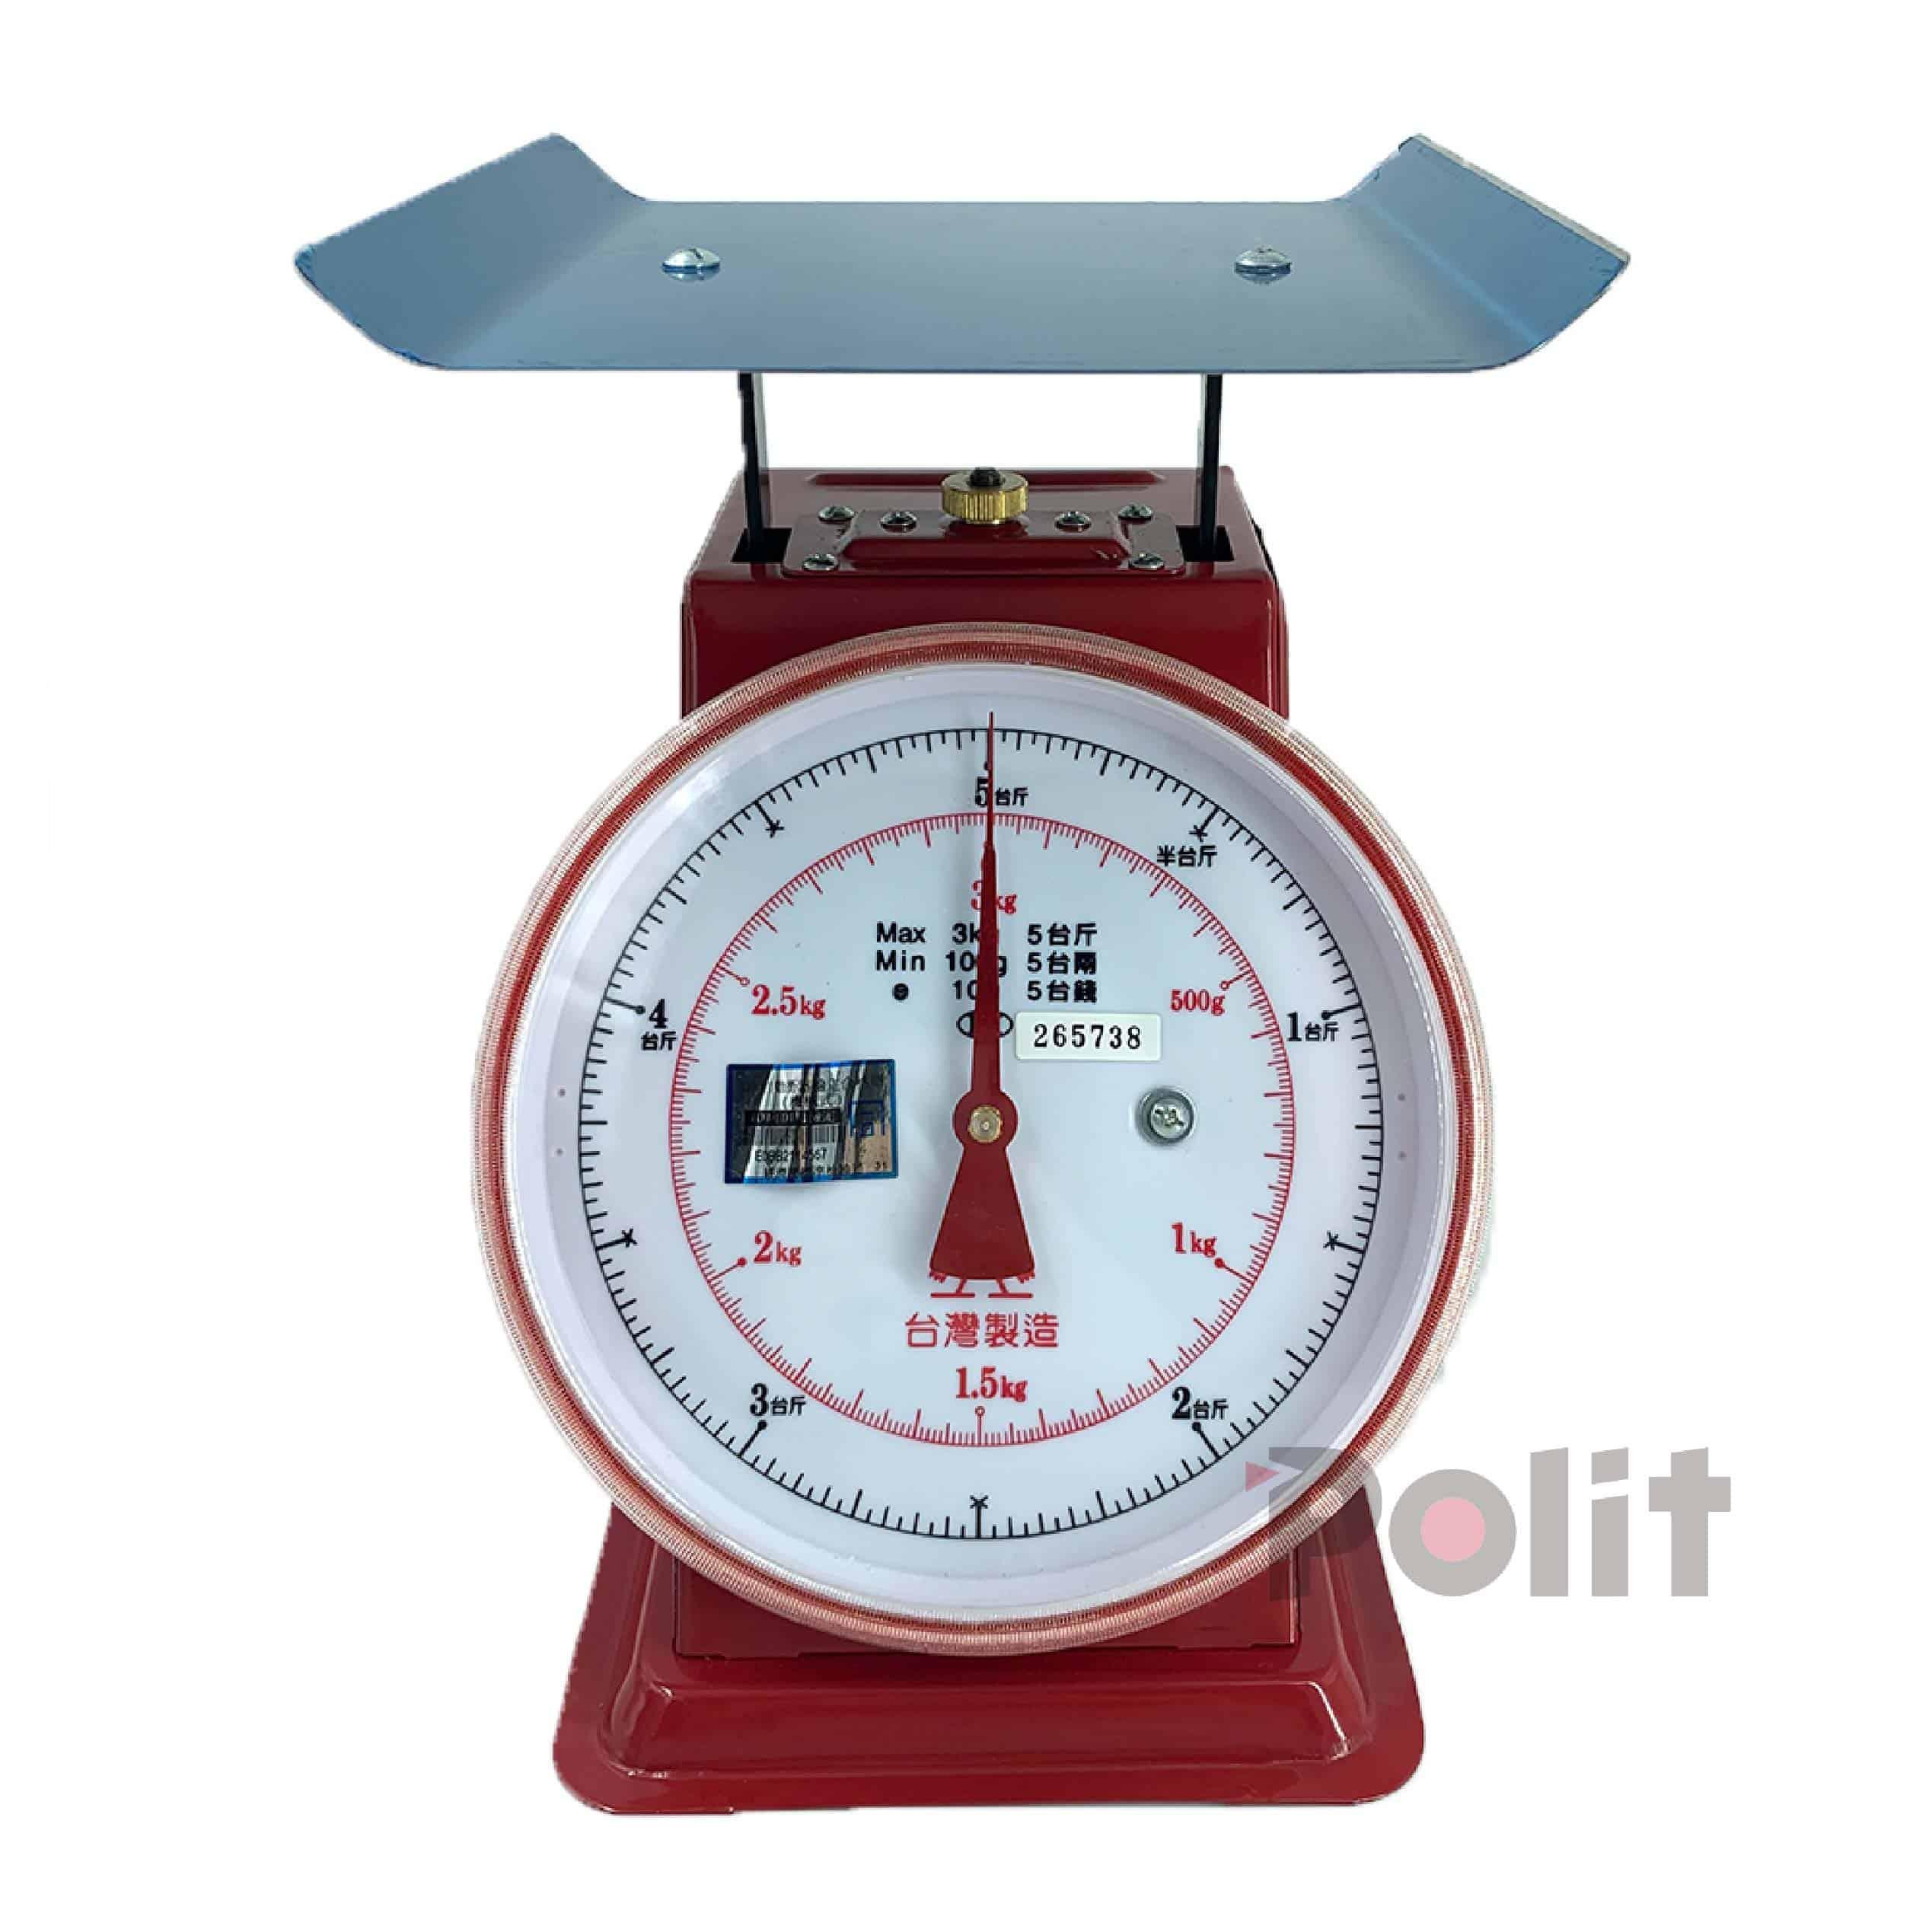 自動秤 傳統秤 指針秤 磅秤   沛禮國際Polit 電子秤專賣